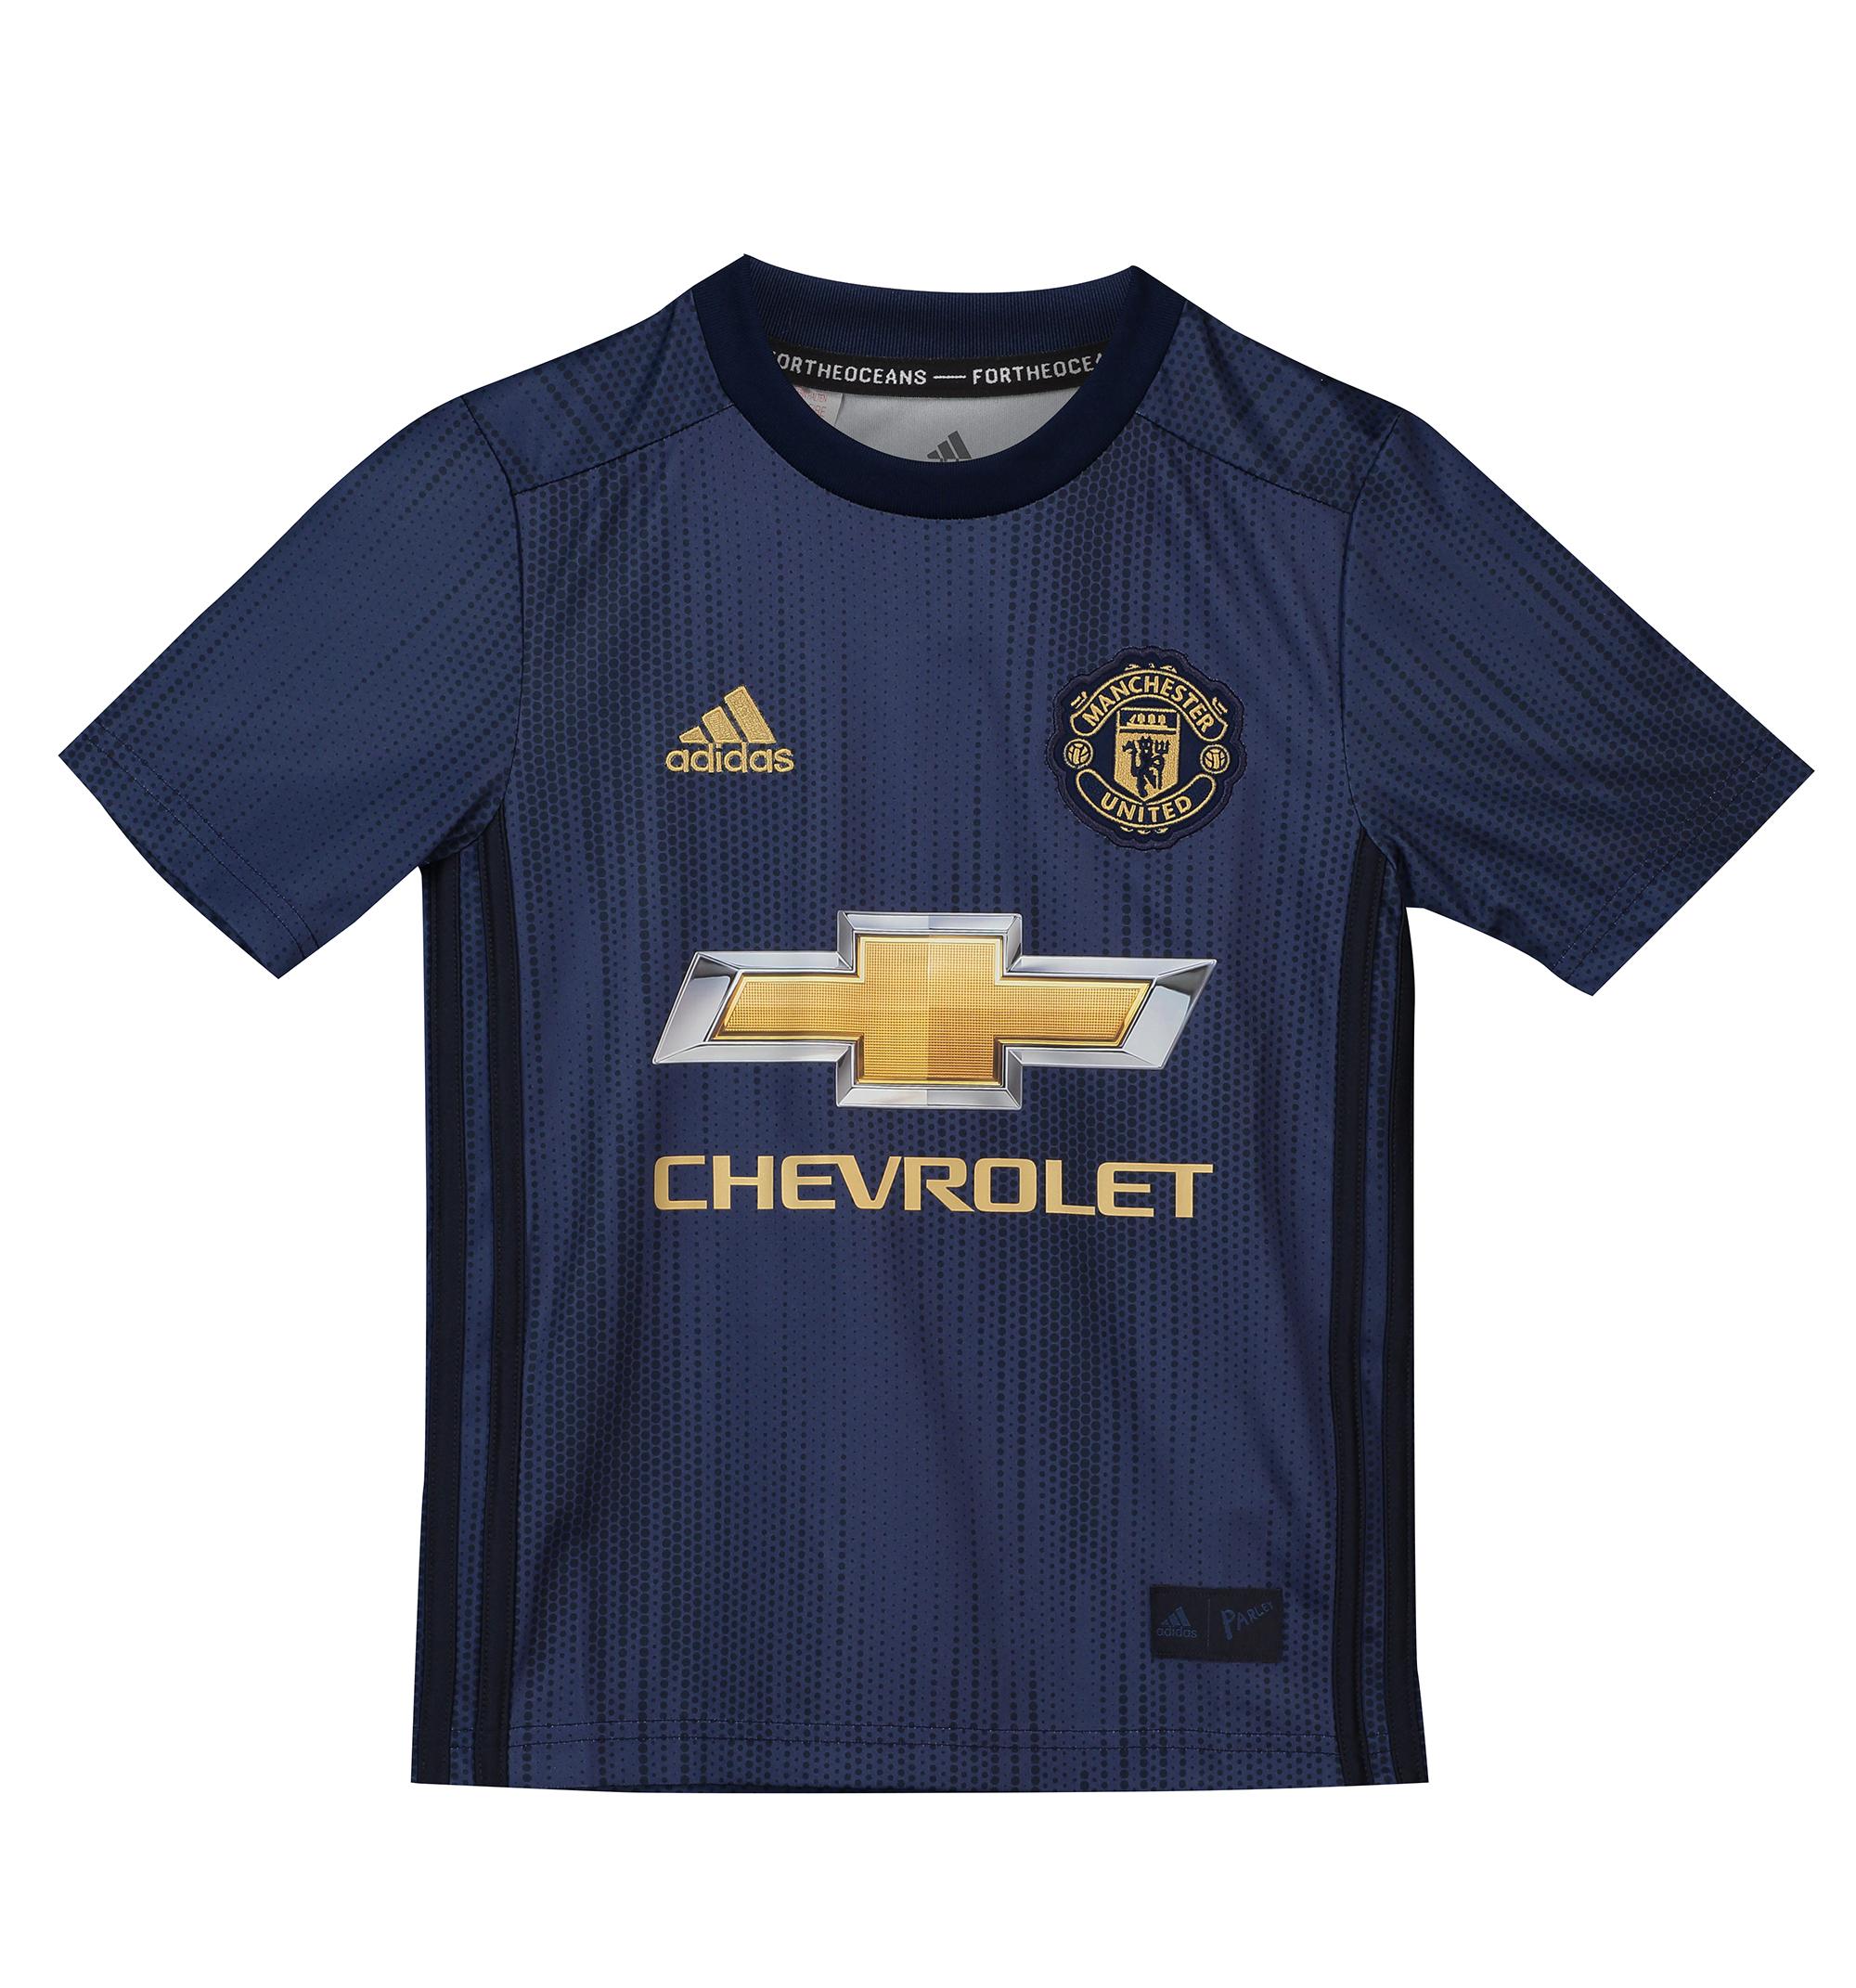 eb28dcea4dd28 Adidas Manchester United dres detský (2018-2019) alternatívny + vl. meno a  číslo